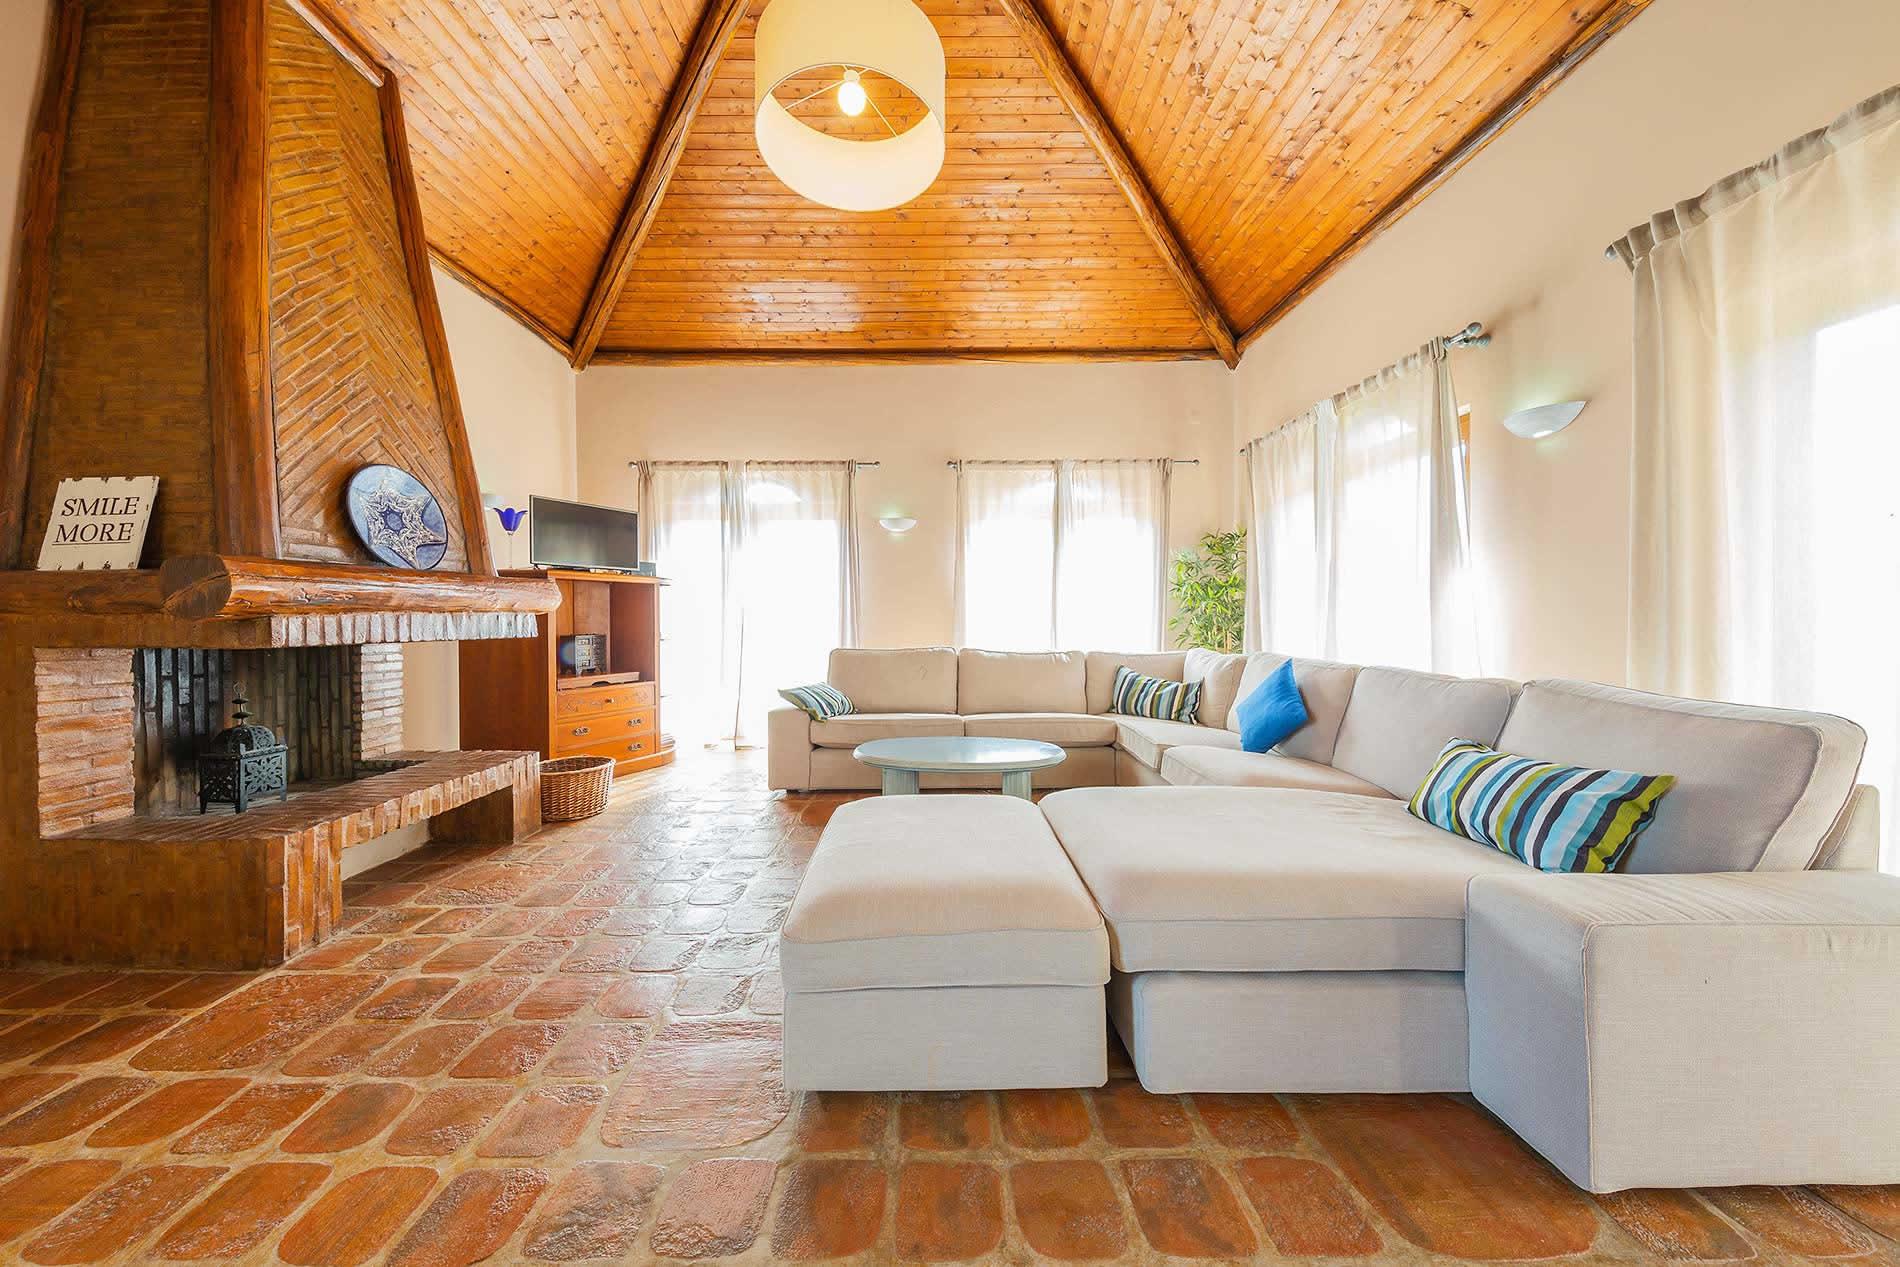 Villa Jaime in Armacao de Pera - sleeps 8 people